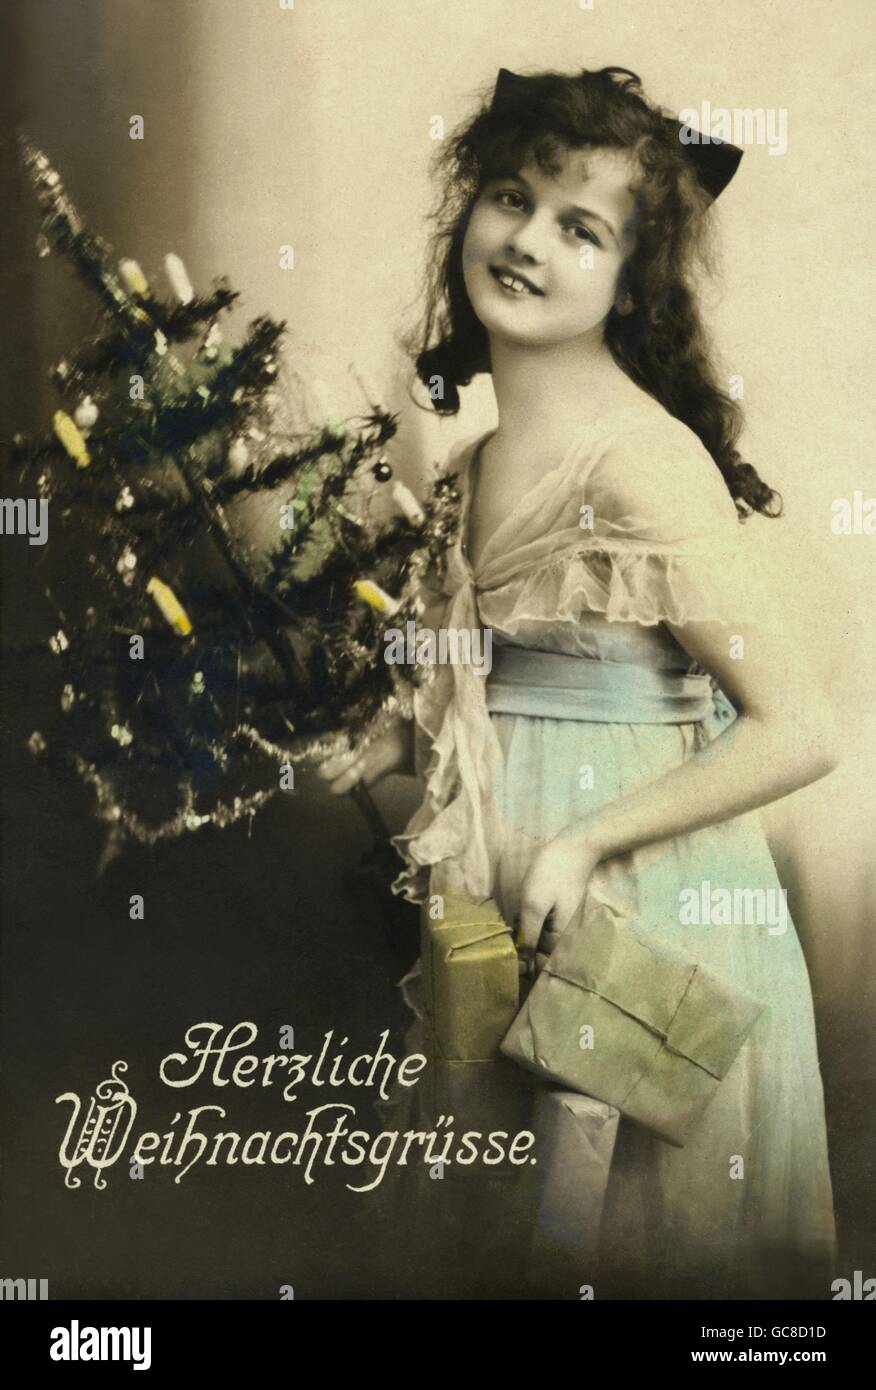 Weihnachtsgrüße Teenager.Weihnachtsgruesse Stock Photos Weihnachtsgruesse Stock Images Alamy